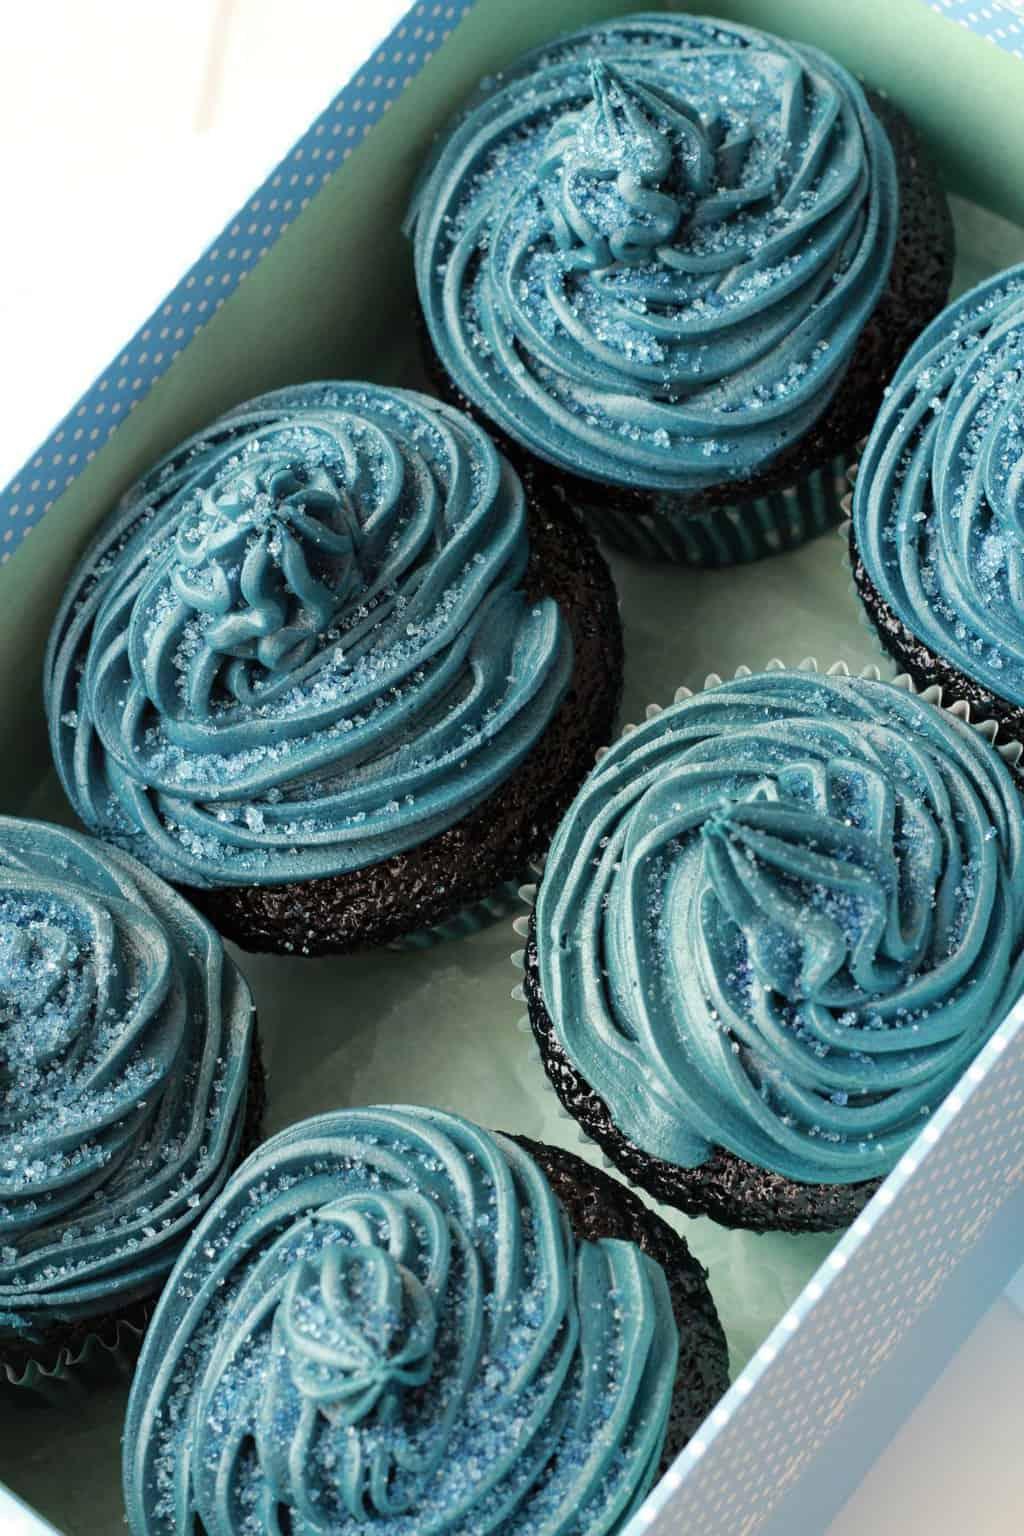 Blue Velvet Cupcakes with Blue Velvet Frosting - Moist, spongey, velvety and delicious! #vegan #lovingitvegan #bluevelvet #cupcakes #dessert